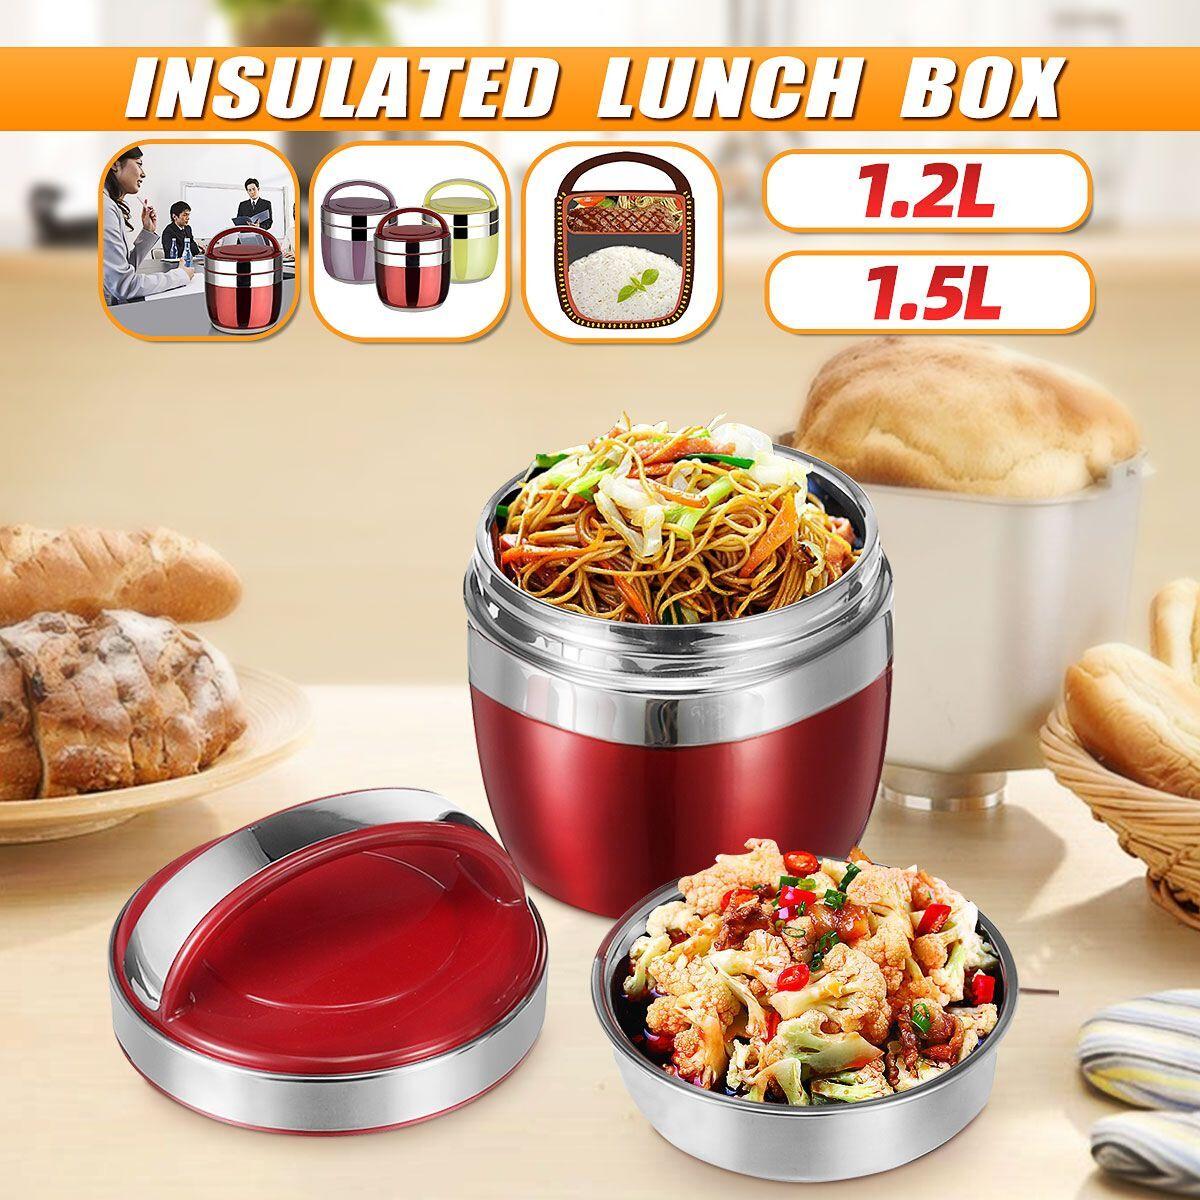 AliExpress Thermos alimentaire en acier inoxydable 1.5/l, boîte à déjeuner sous vide 12-24 heures, récipient